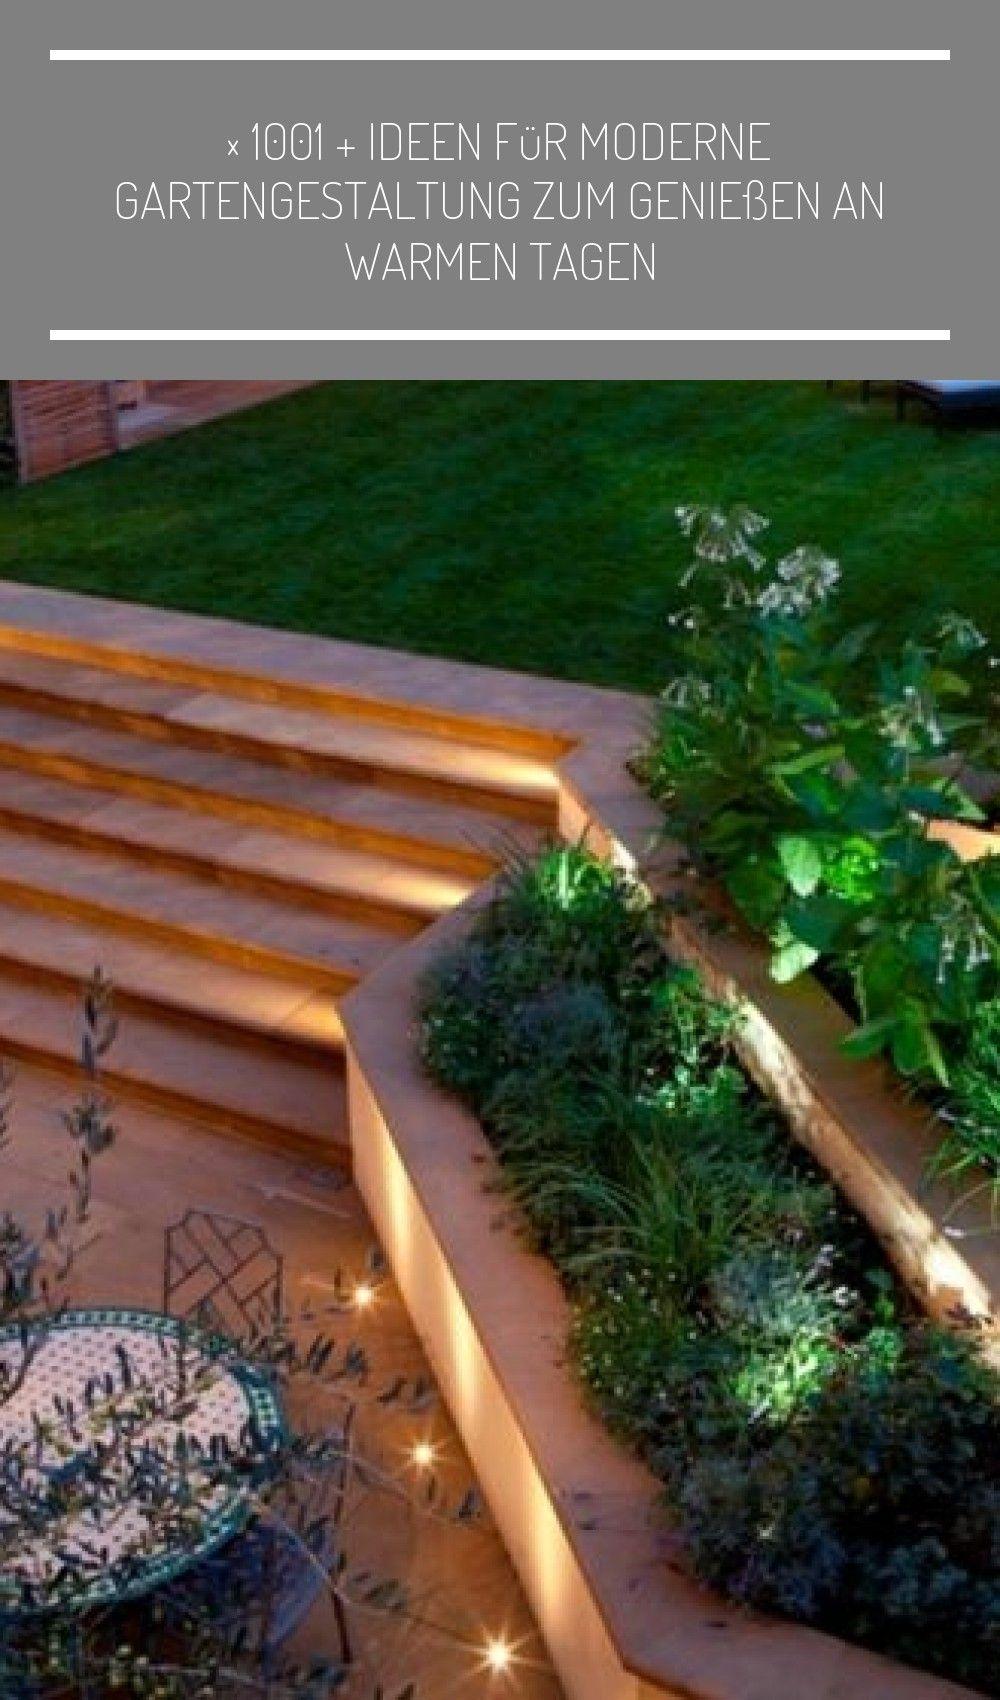 Ein Gepflegter Rasen Ein Stubchen Mit Loungemobel Zwei Liegestuhle Garten Ideen Gute Beleuchtung Garten Landschaftsbau Treppe 1001 Ideen Fur Moderne Garten En 2020